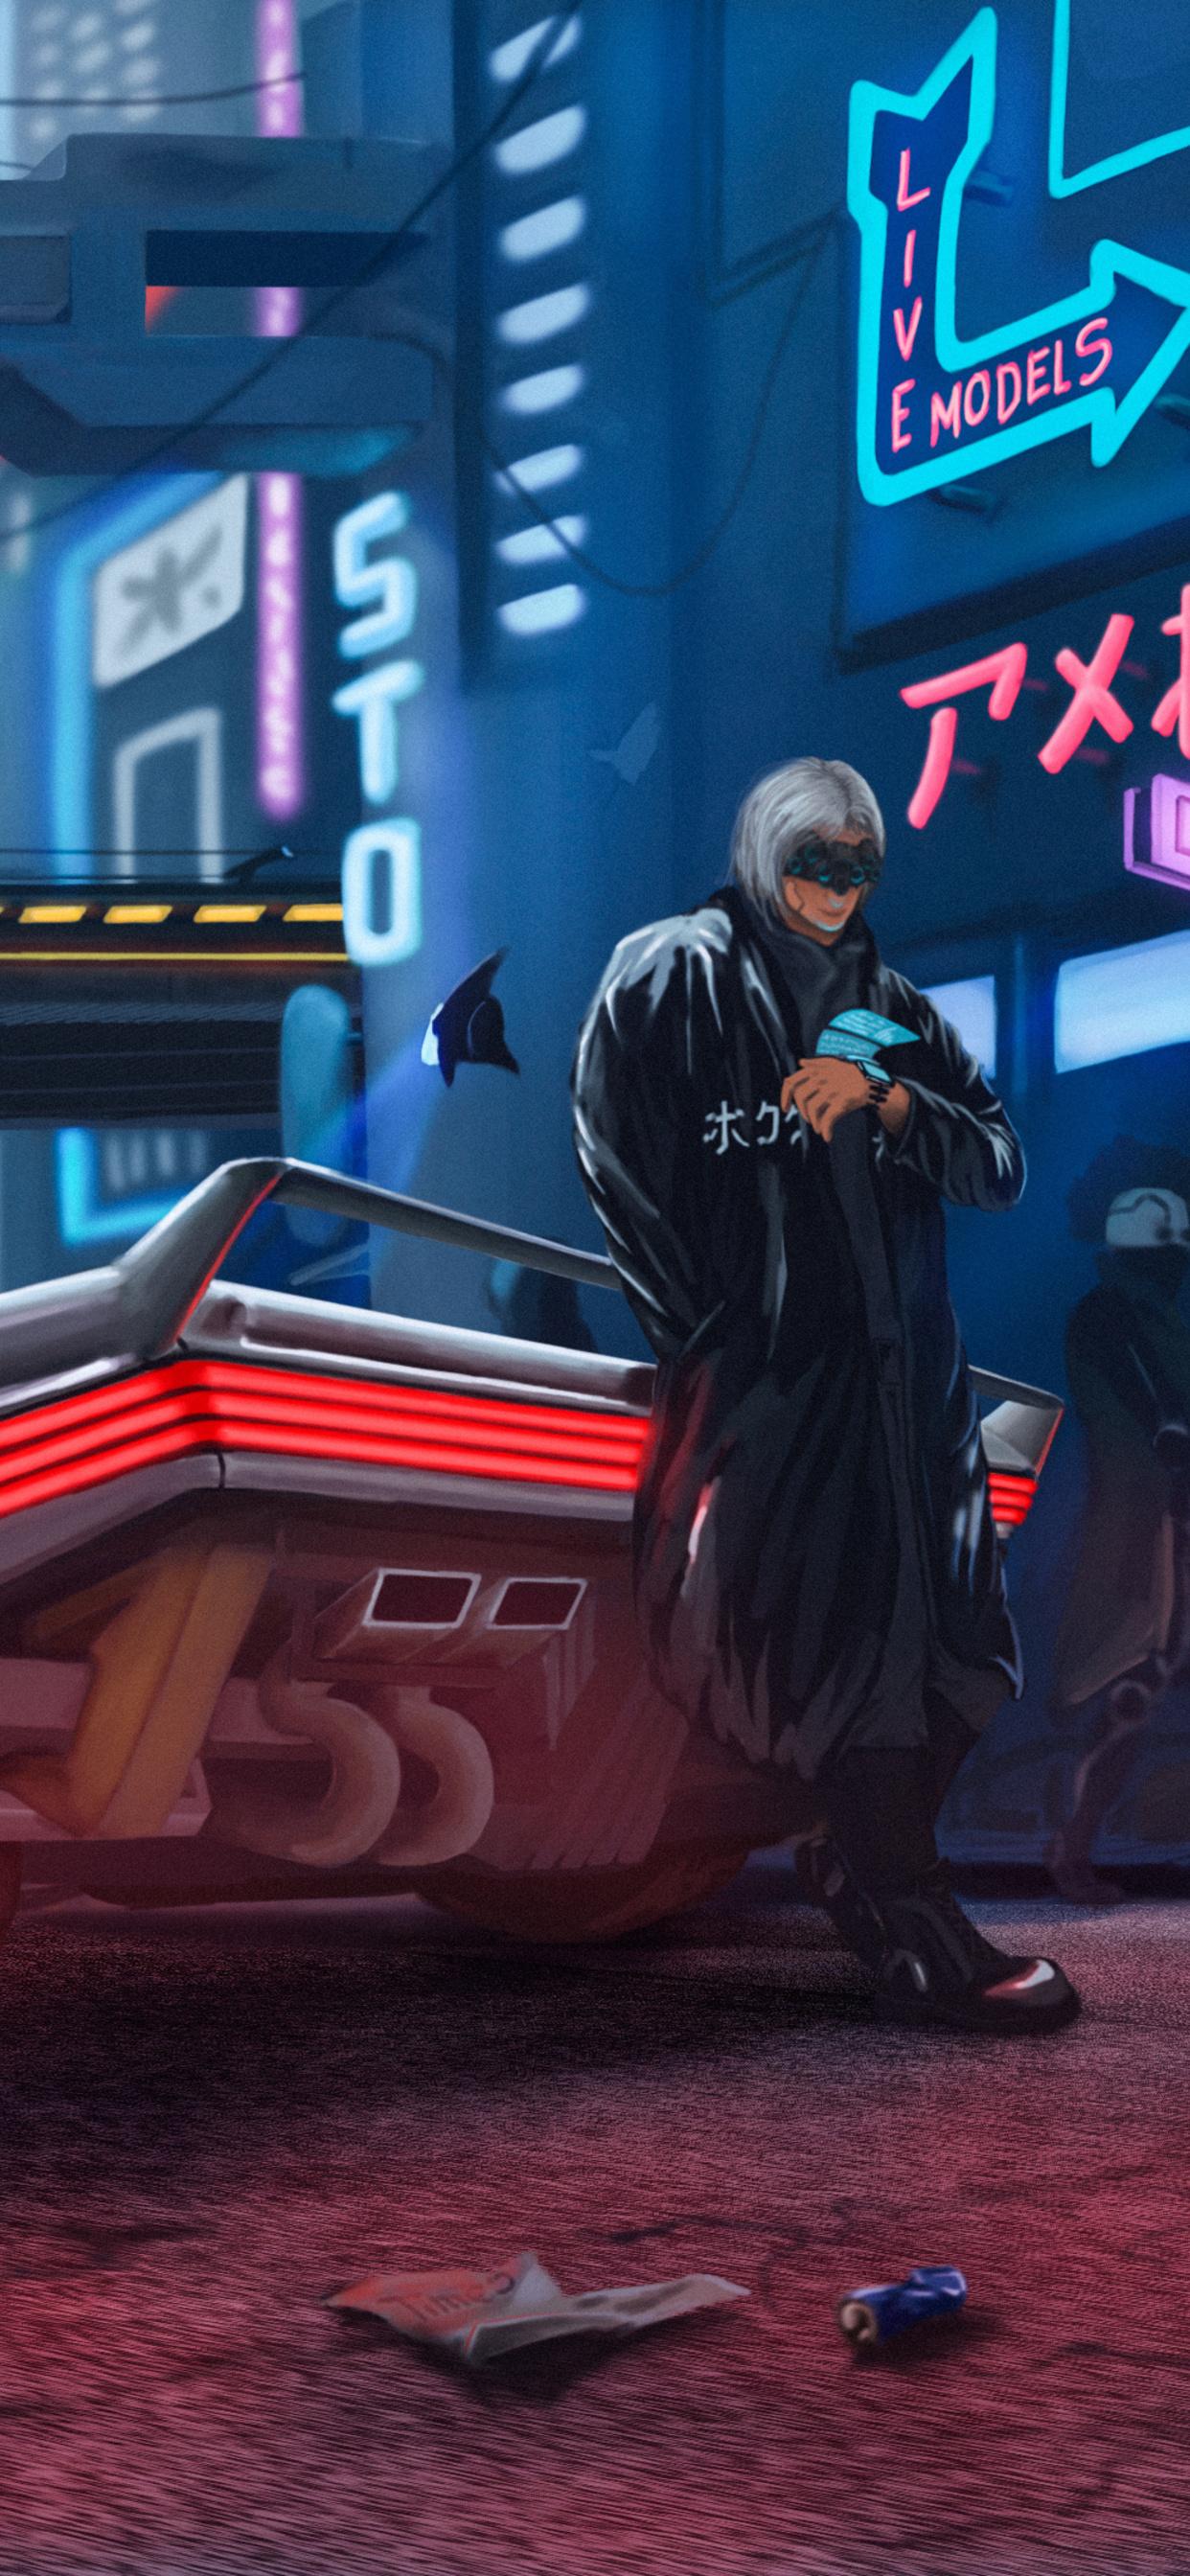 cyberpunk-2077-fan-art-4k-8g.jpg